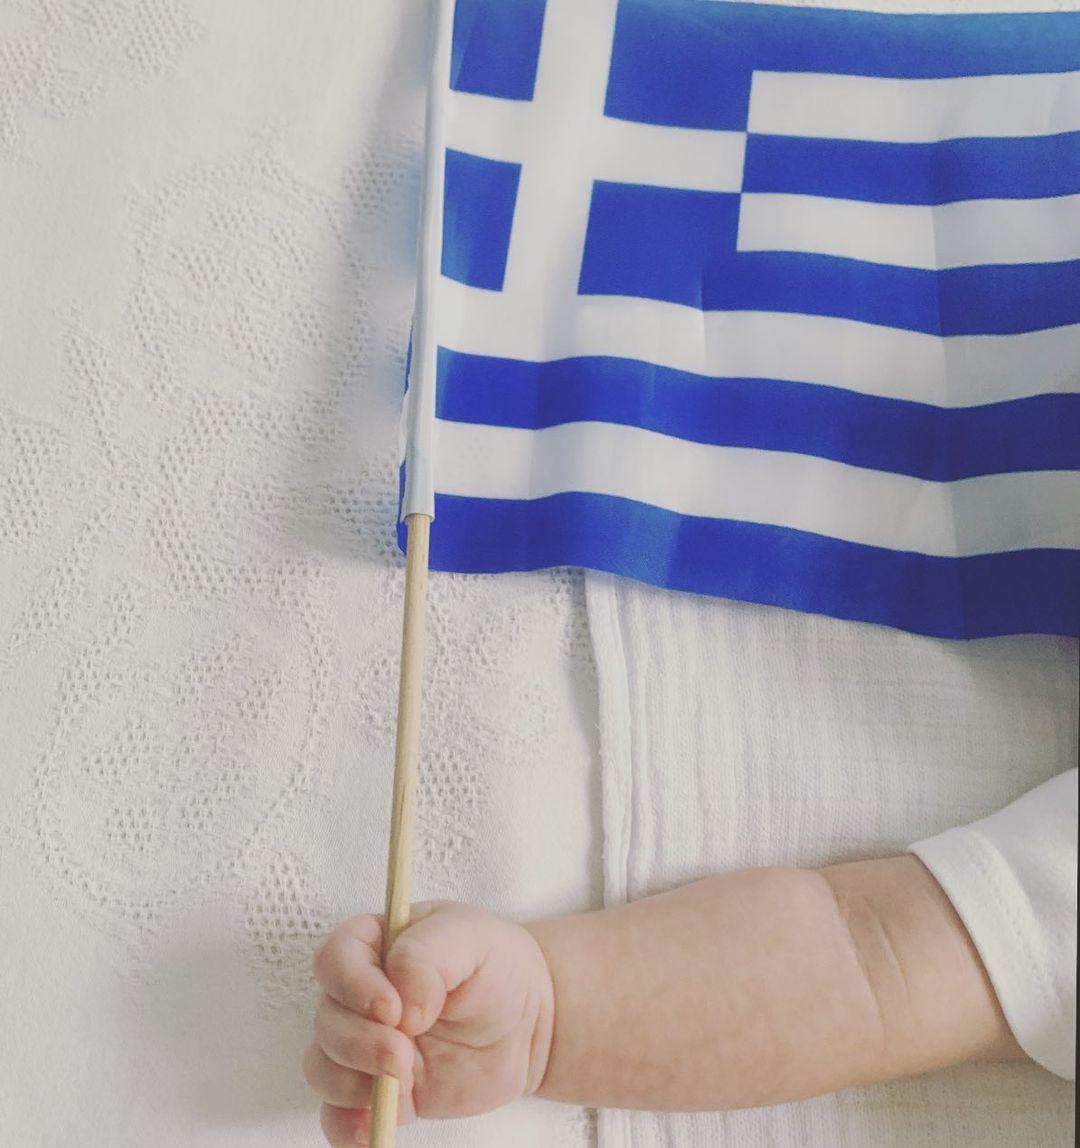 Τζένη Μπαλατσινού: Η φωτογραφία του 3 μηνών γιου της με αφορμή την επέτειο  των 200 χρόνων από την ελληνική Επανάσταση